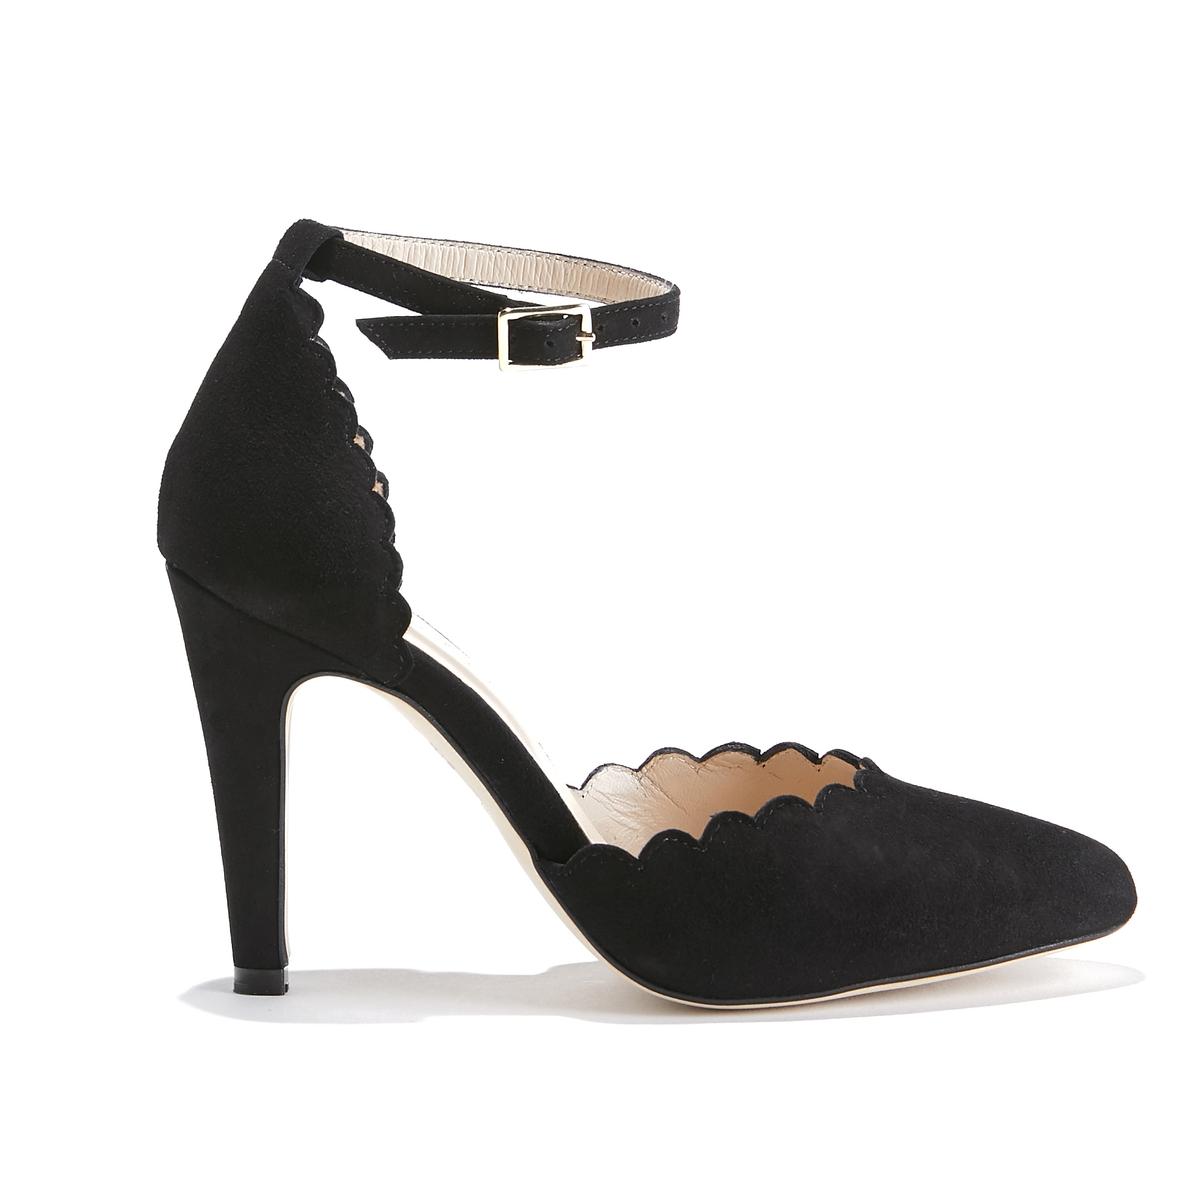 Туфли-лодочки кожаные на каблуке-шпильке BAMBINA туфли tamaris туфли лодочки